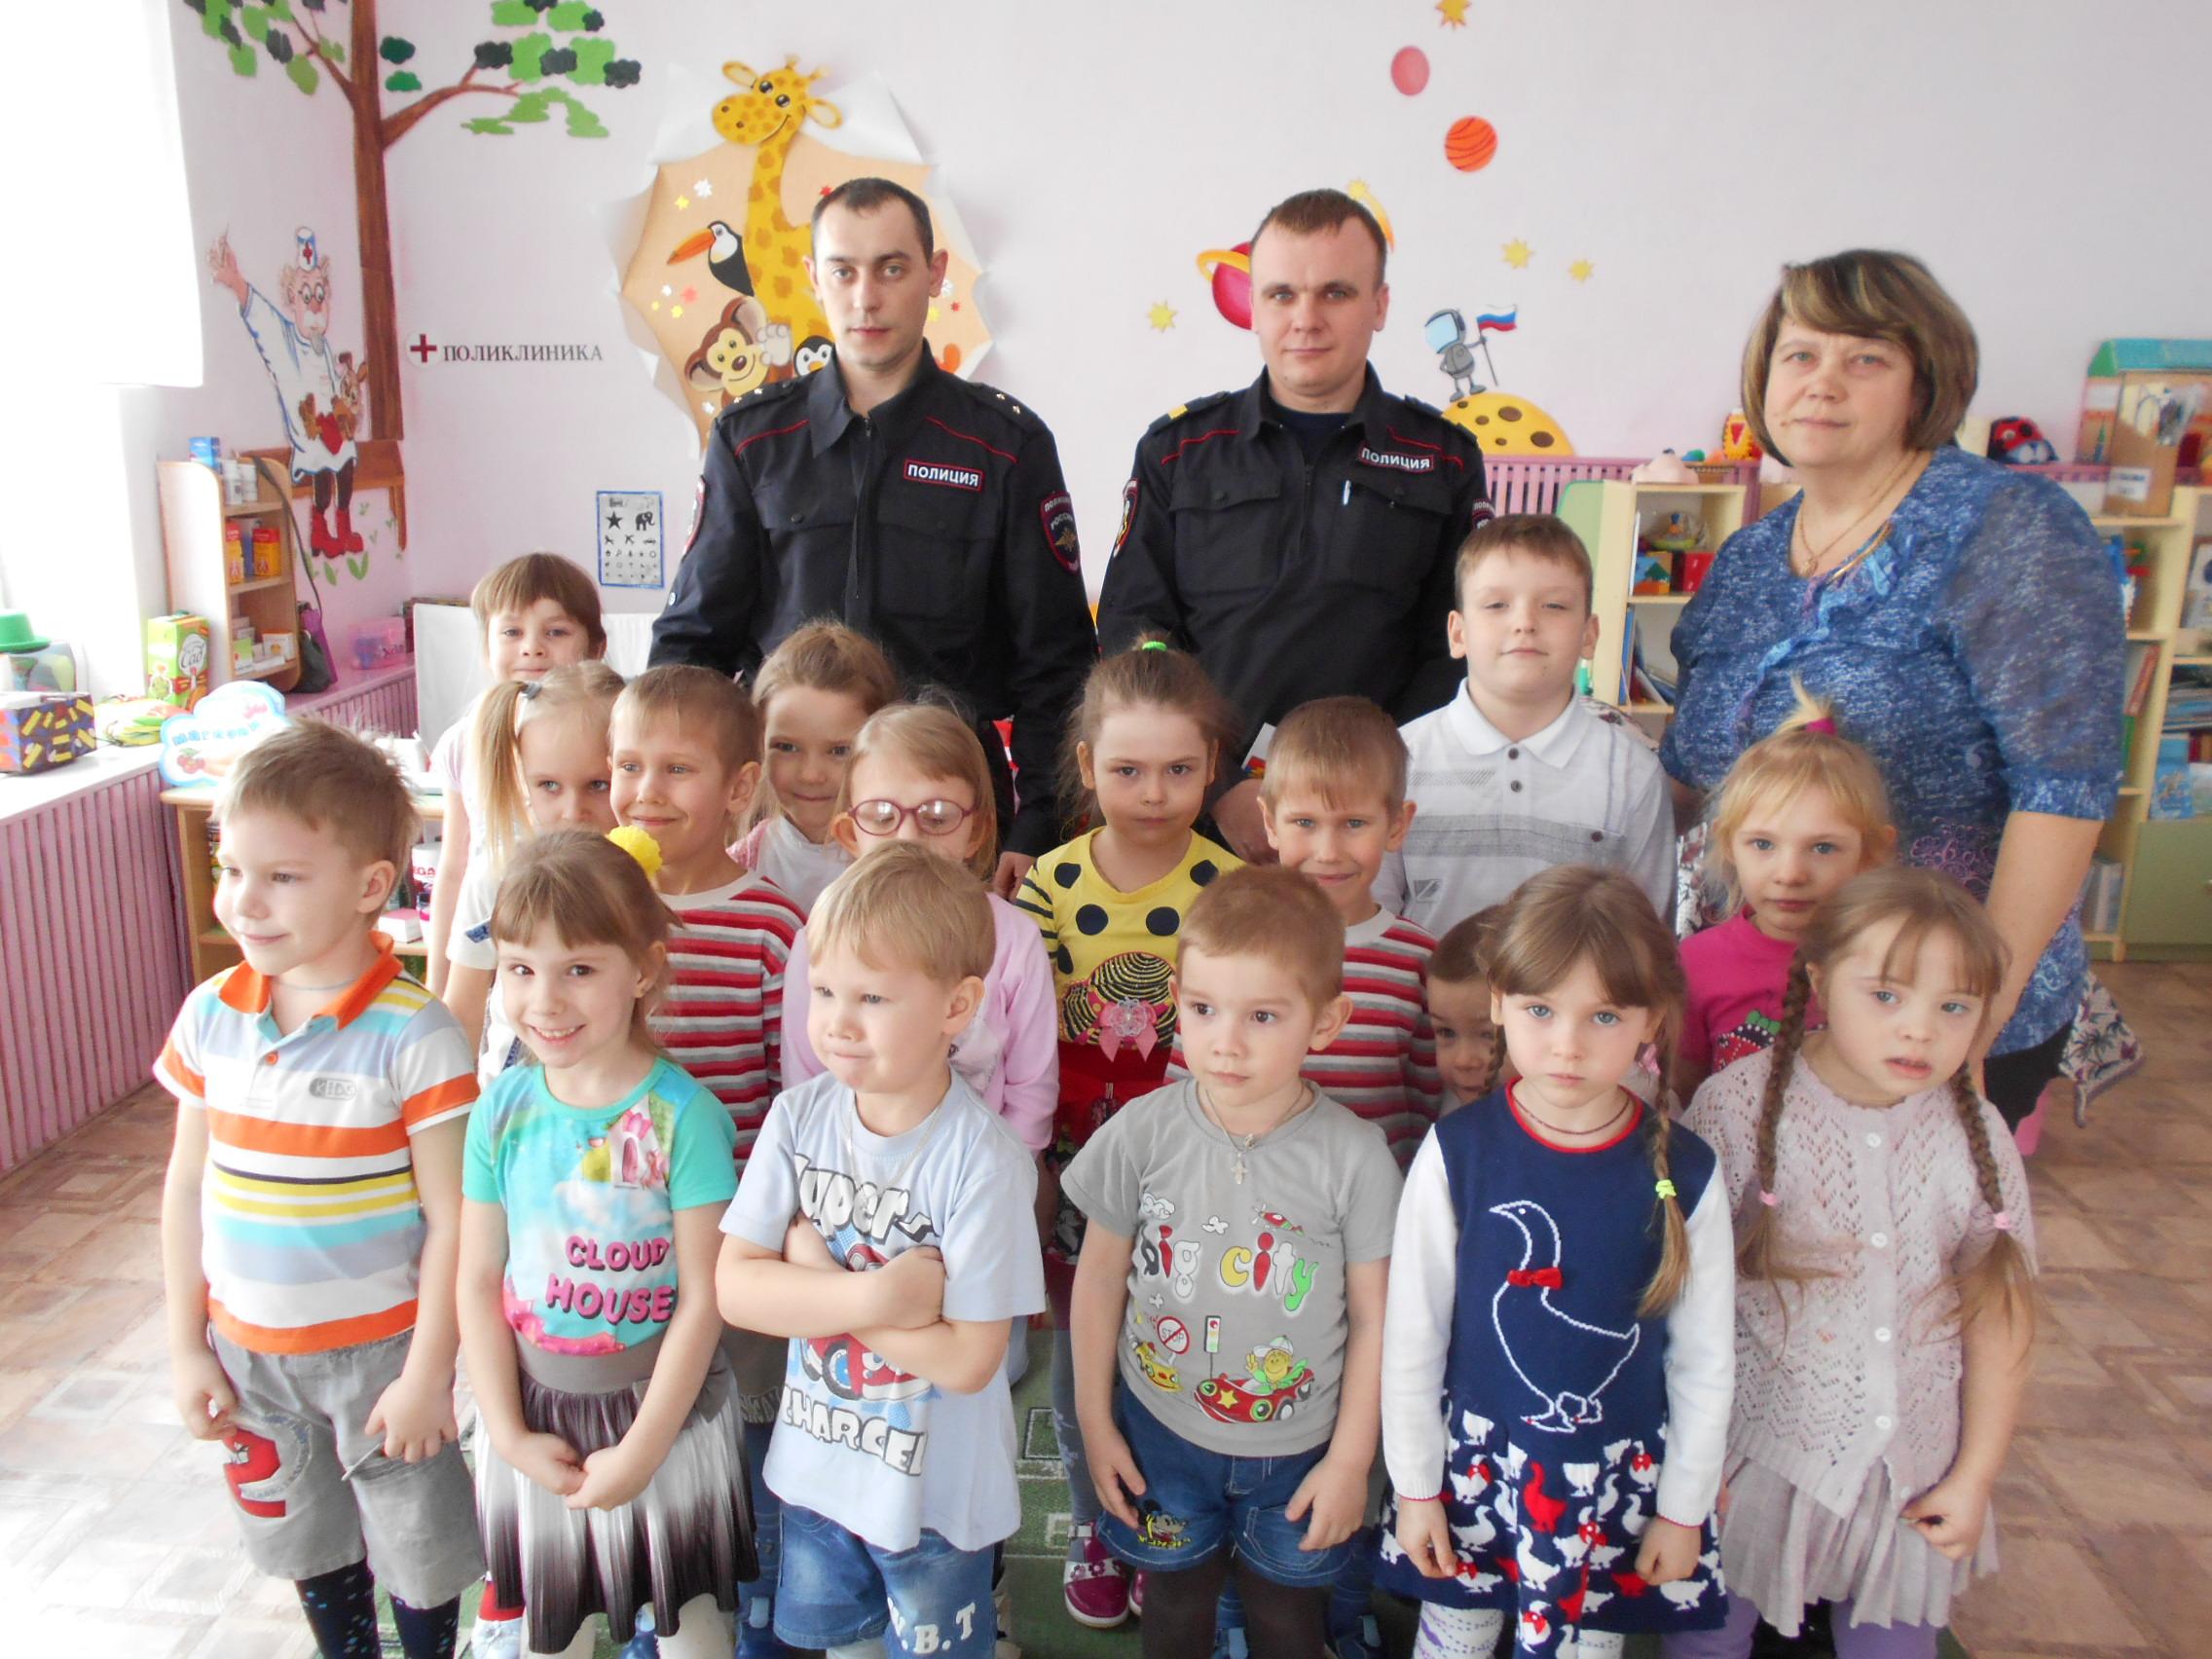 Сотрудники Россгвардии побывали в гостях у воспитанников детского сада.